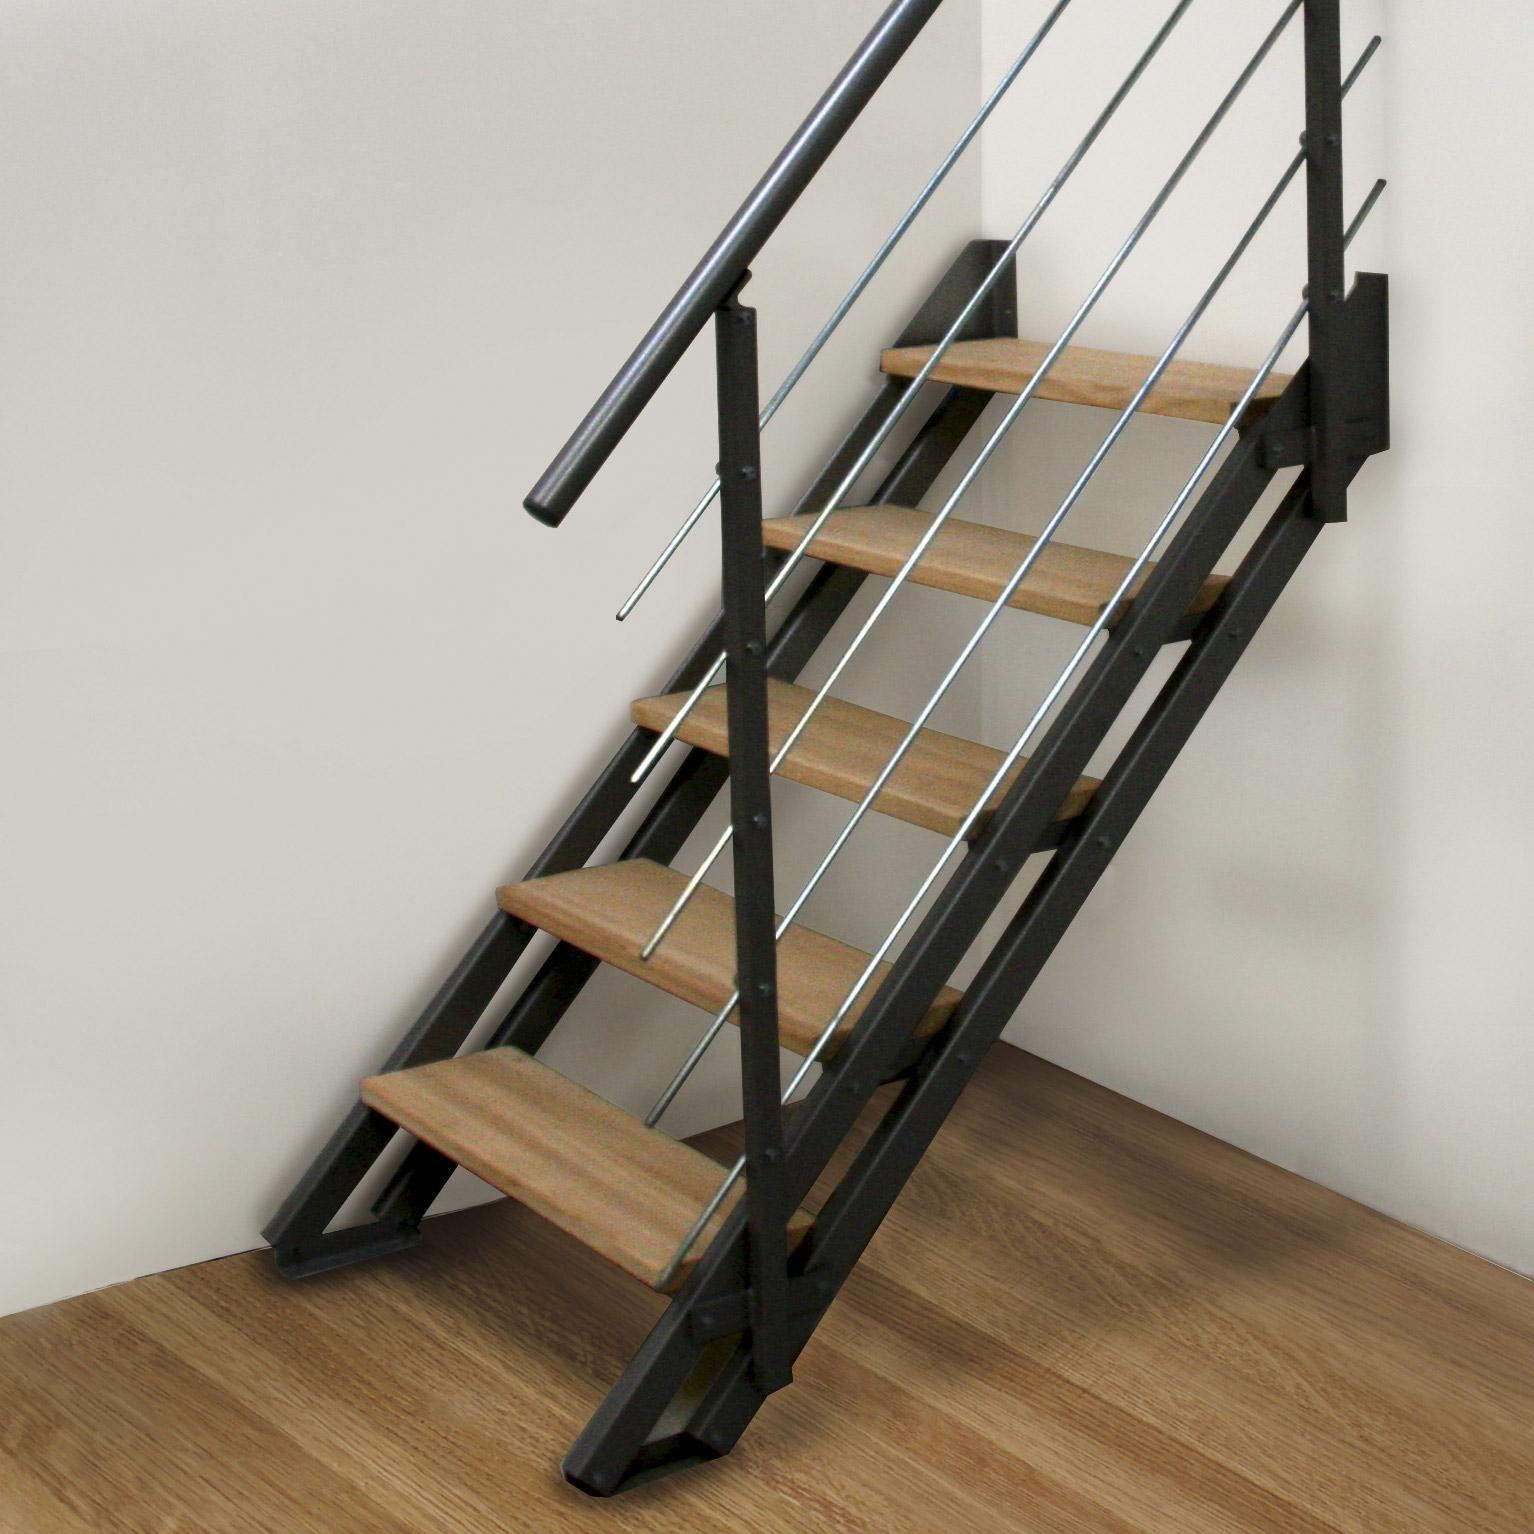 Escalier Bois Metal Noir escalier droit acier noir escavario 4 marches naturel, l.80 cm